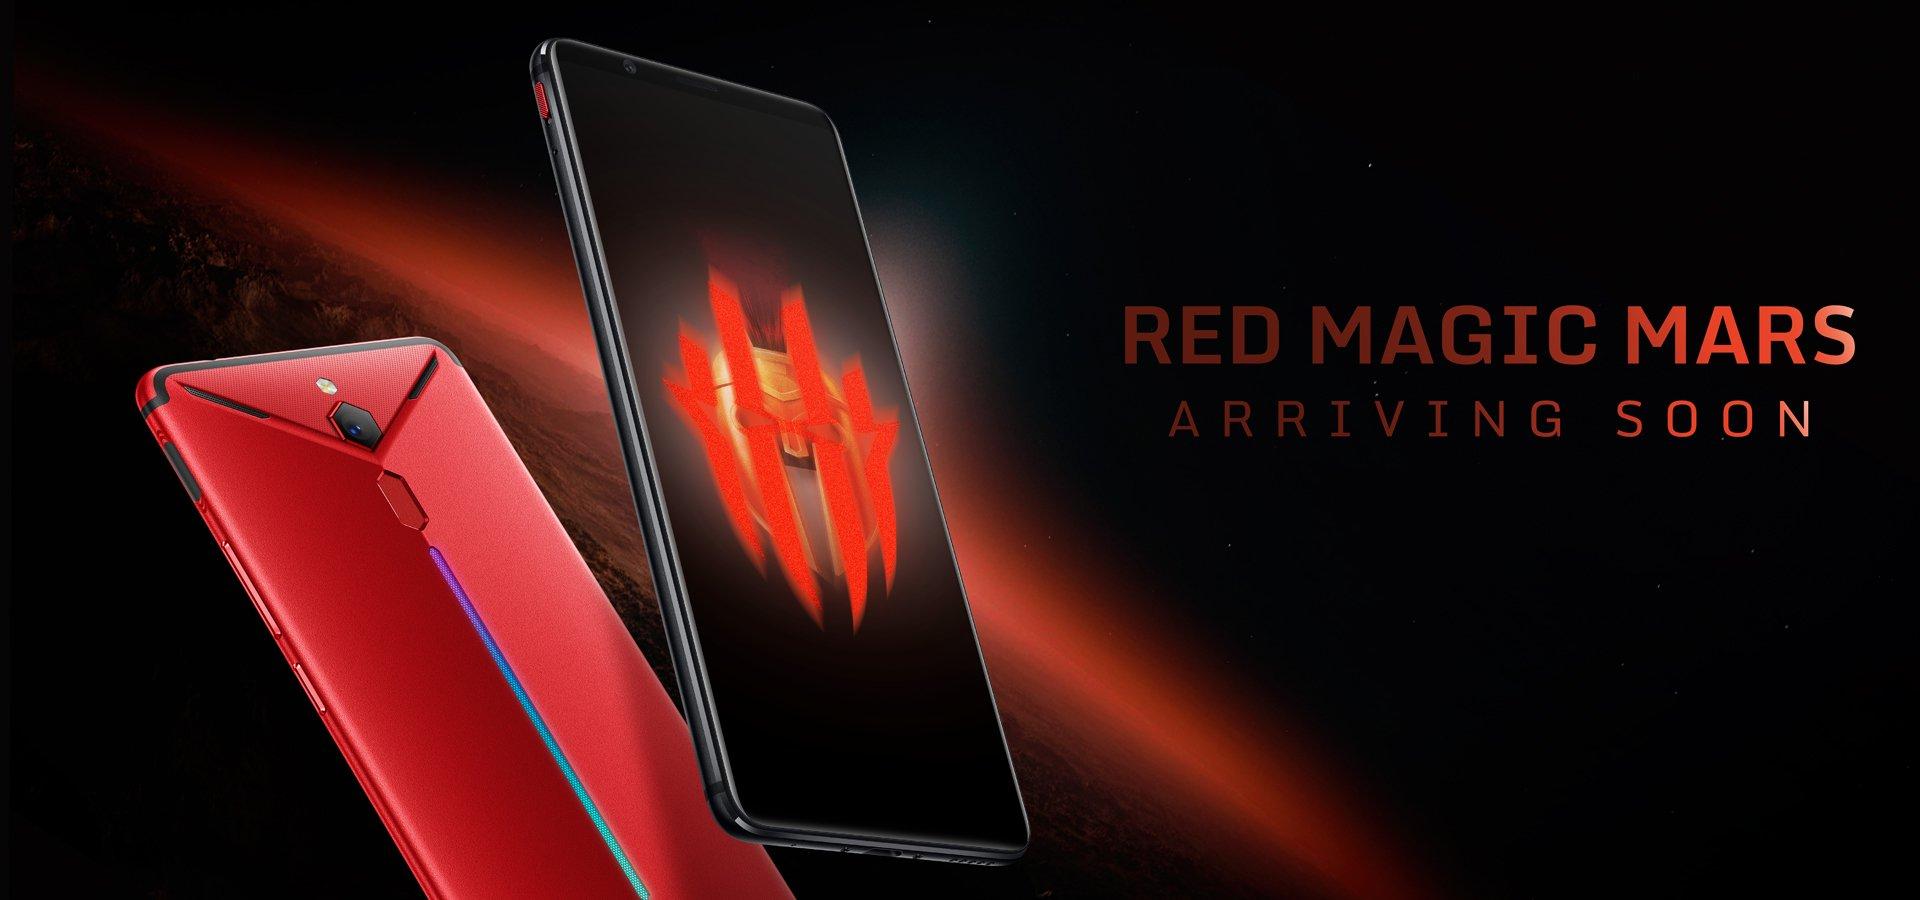 Официально: Nubia Red Magic Mars будет продаваться в Европе